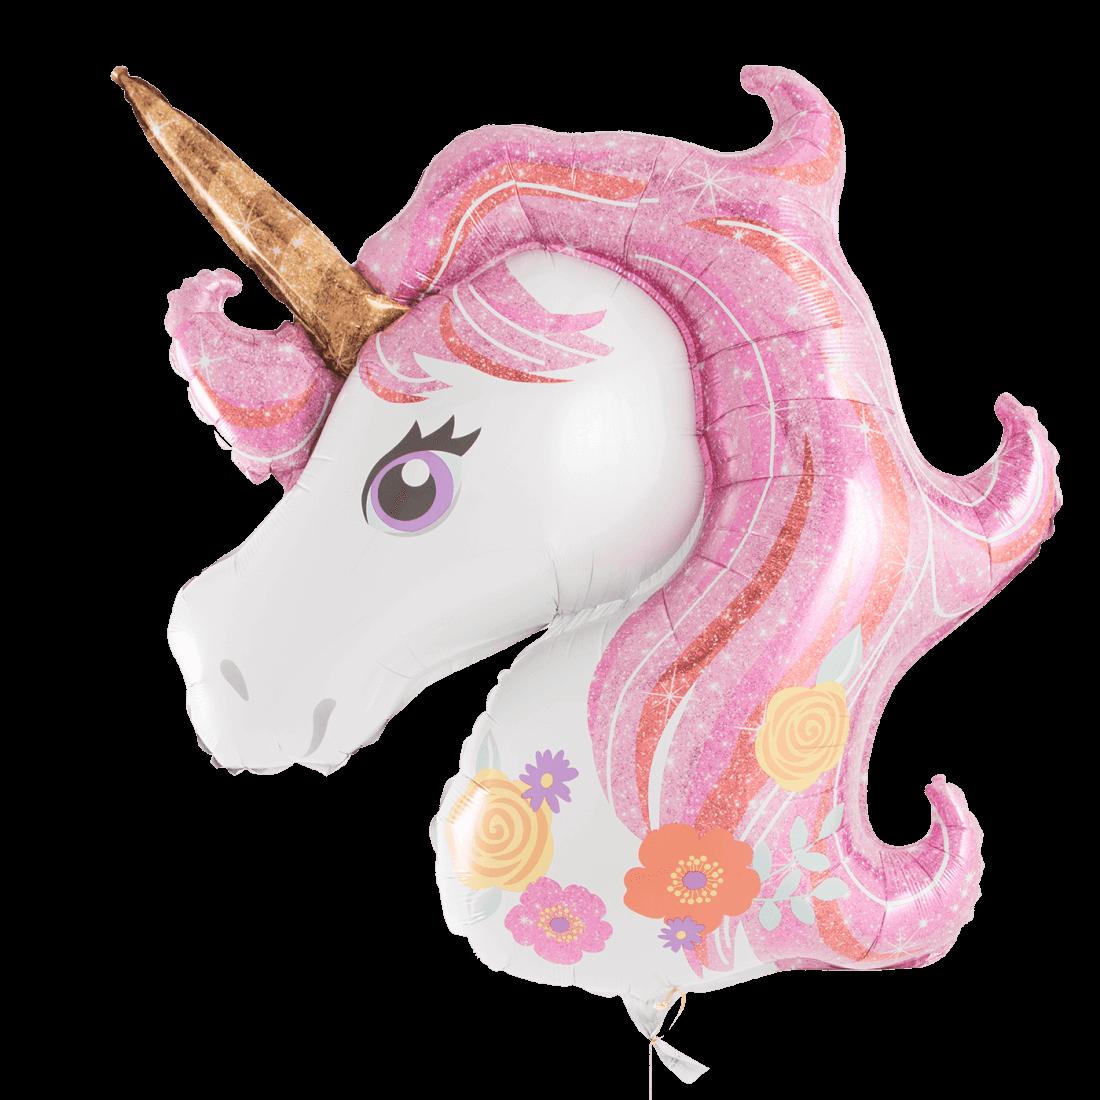 Фигура головы Единорога с розовой гривой 80 см